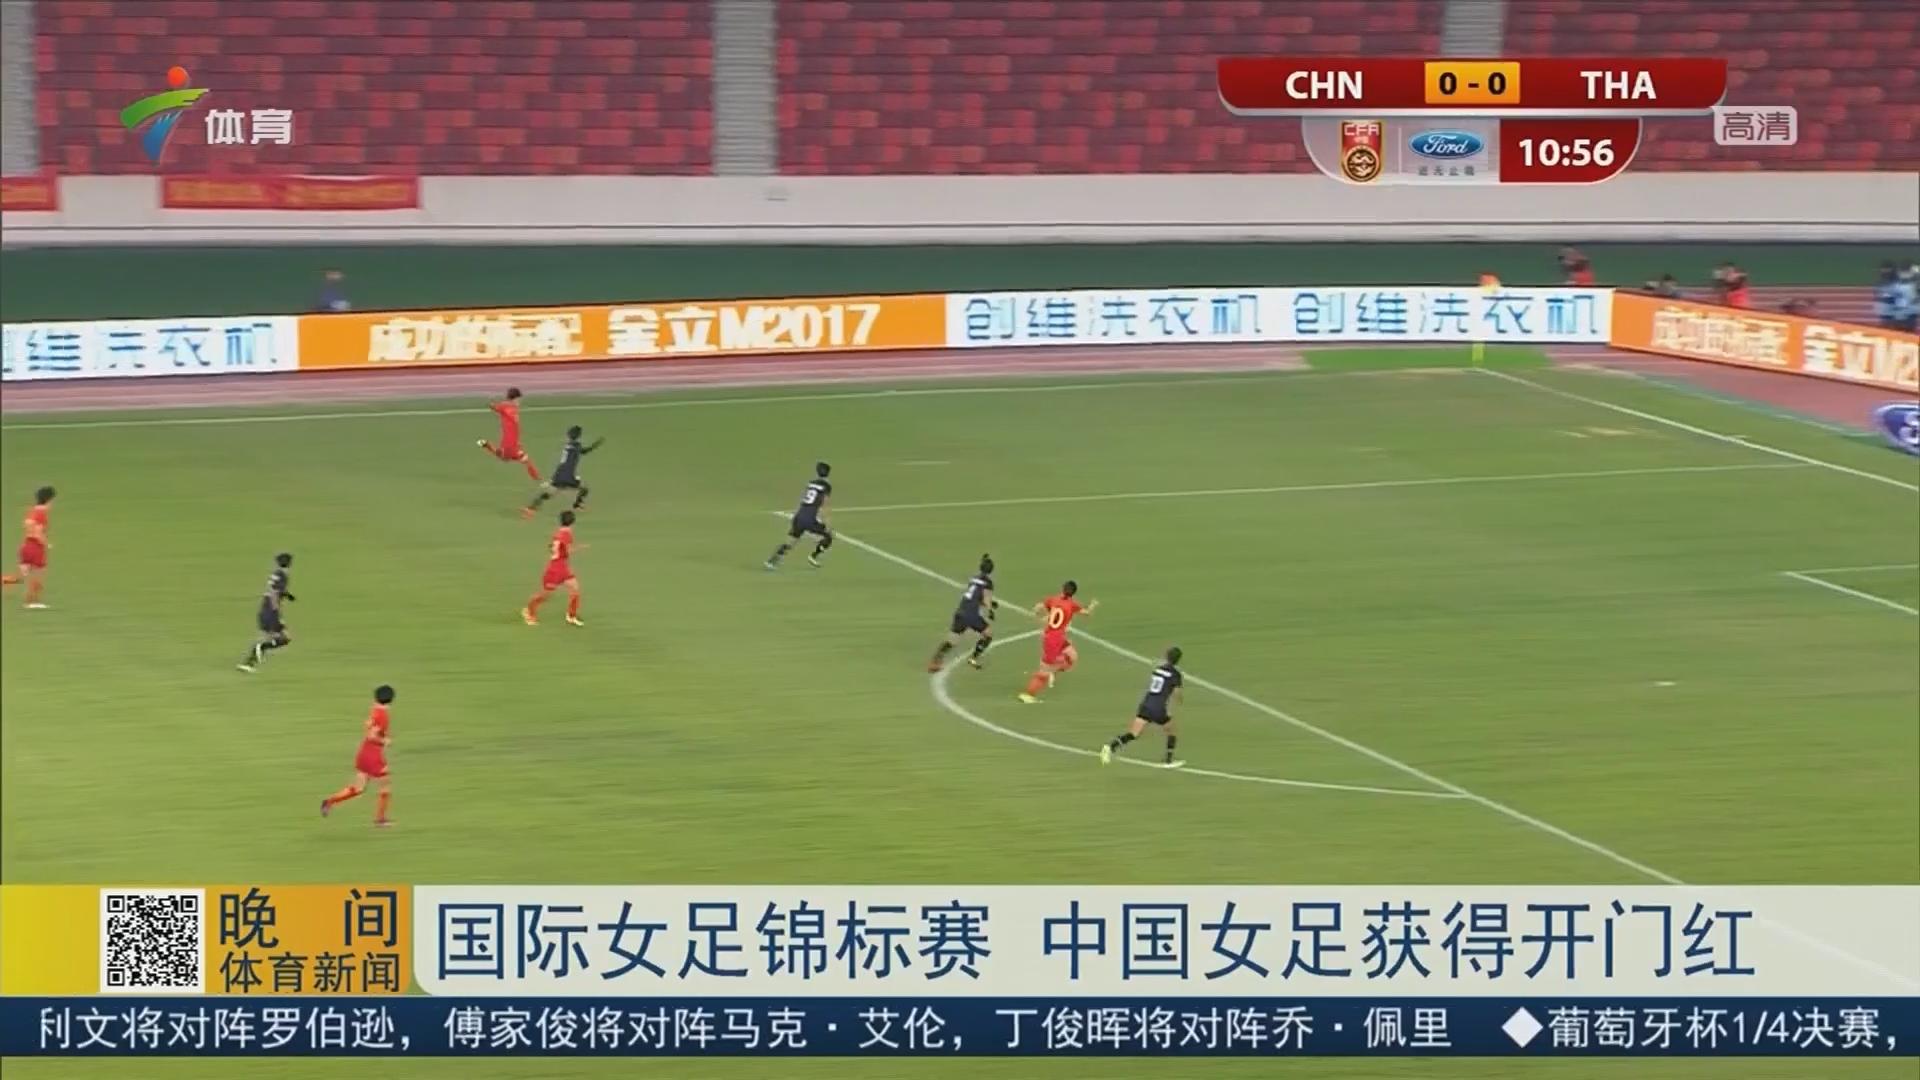 国际女足锦标赛 中国女足获得开门红